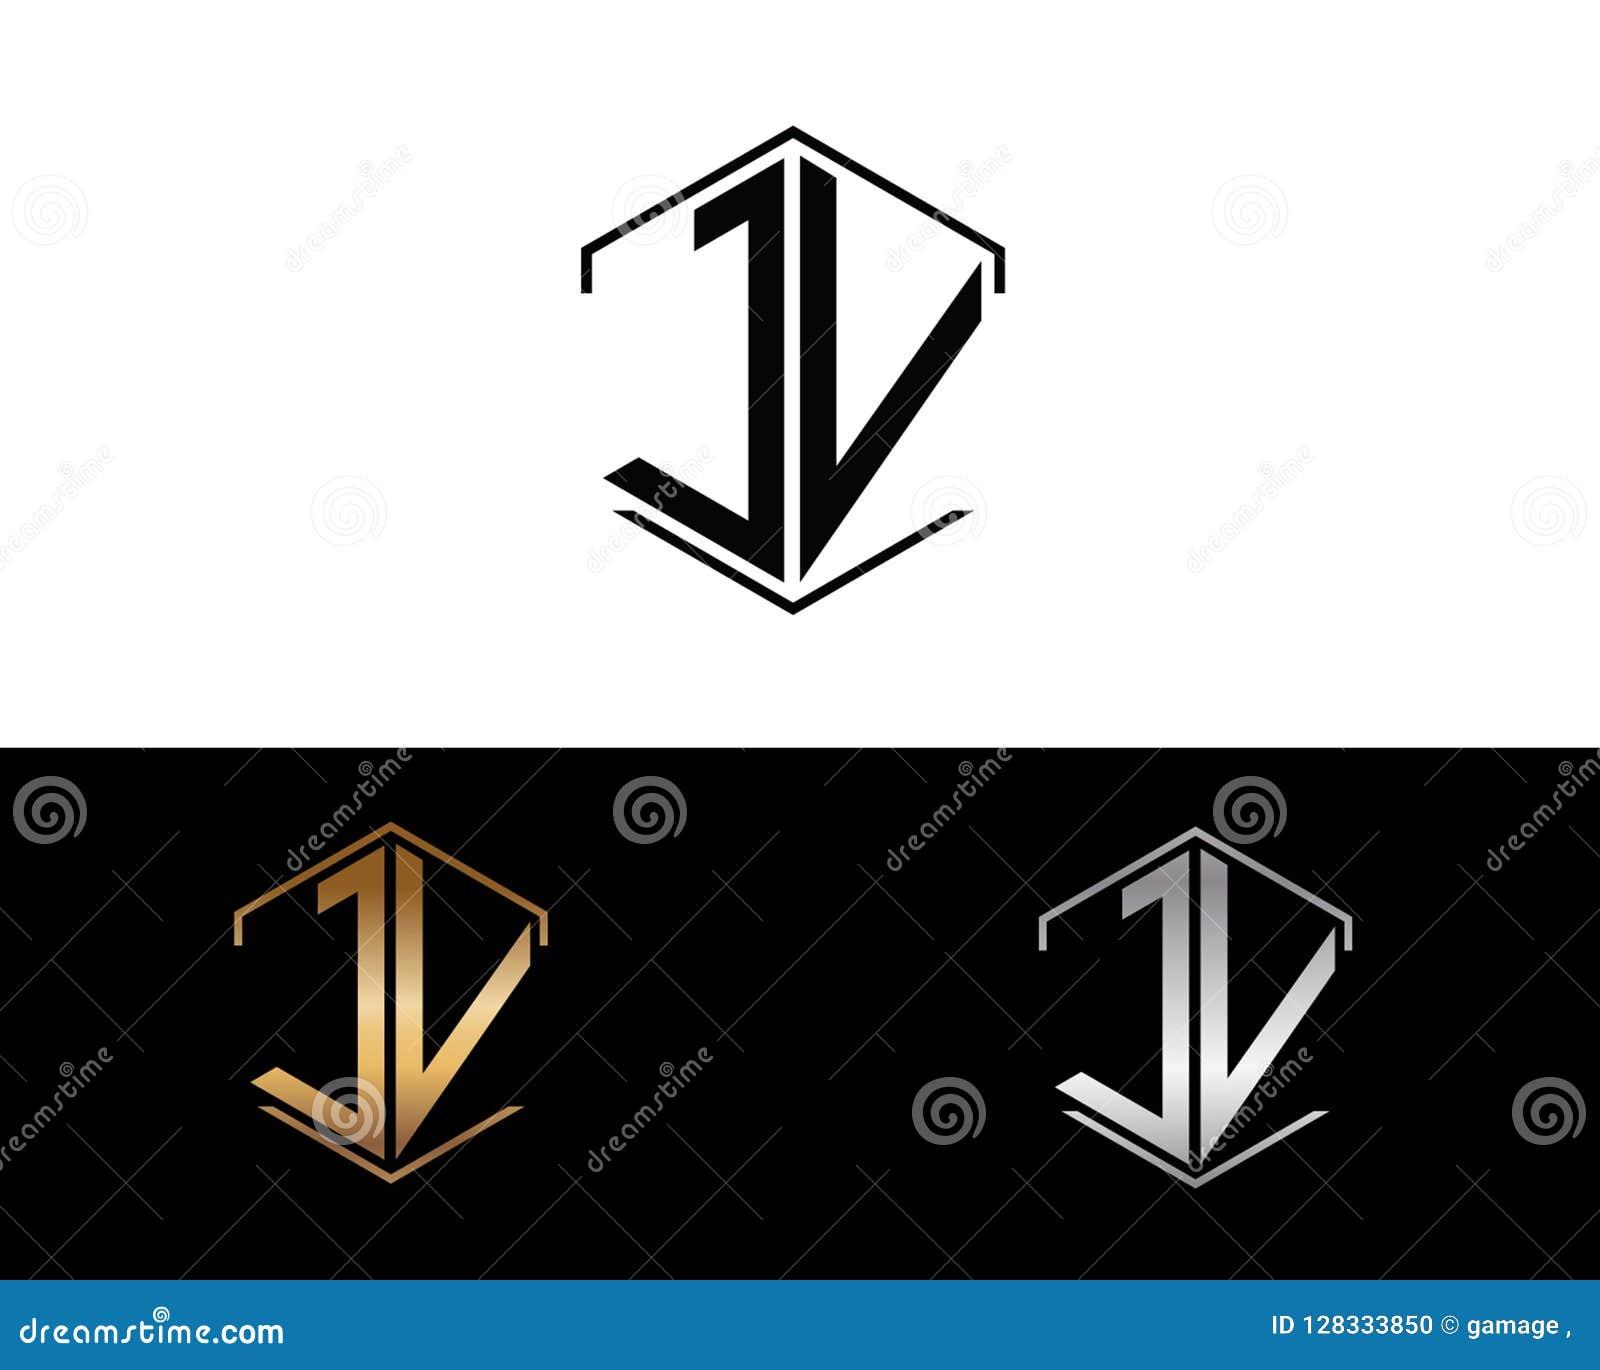 Jv-Buchstaben verbunden mit Hexagonformlogo